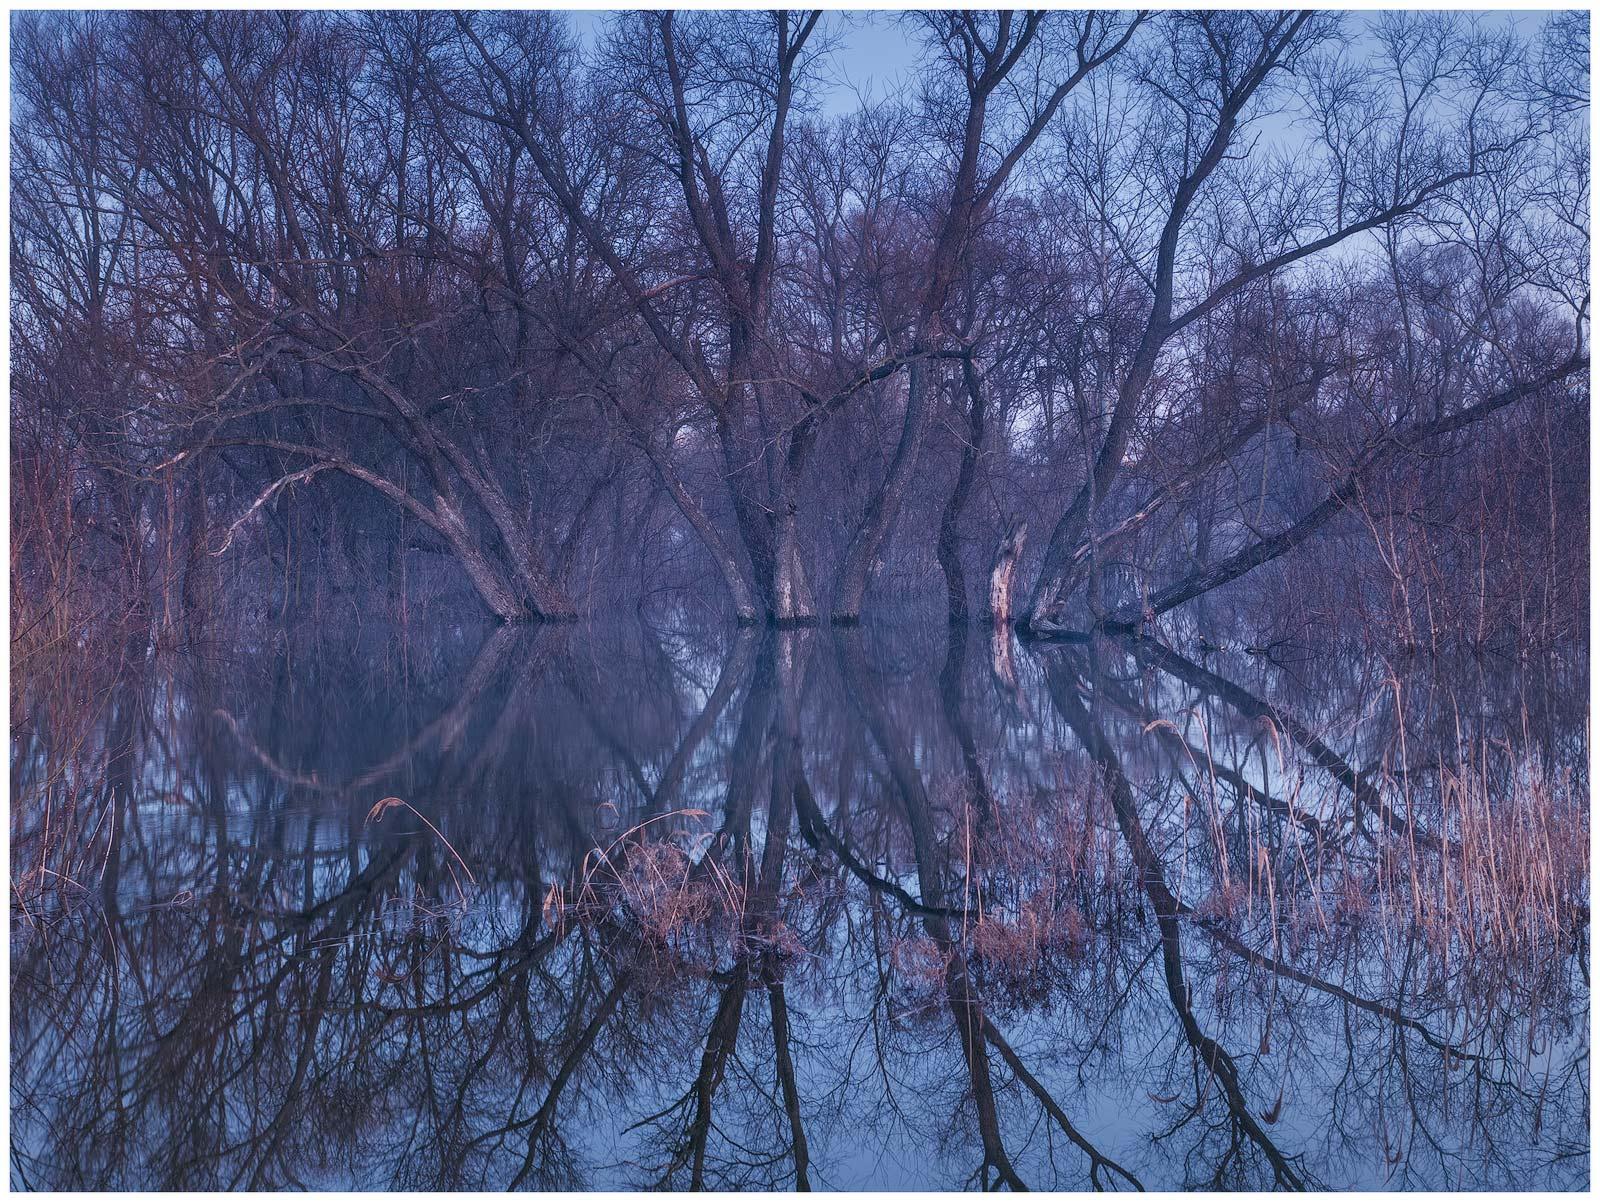 весна, деревья, отражения, пейзаж, разлив, рассвет, сумерки, утро, весенний разлив, паводок, деревья в воде, Станислав Саламанов